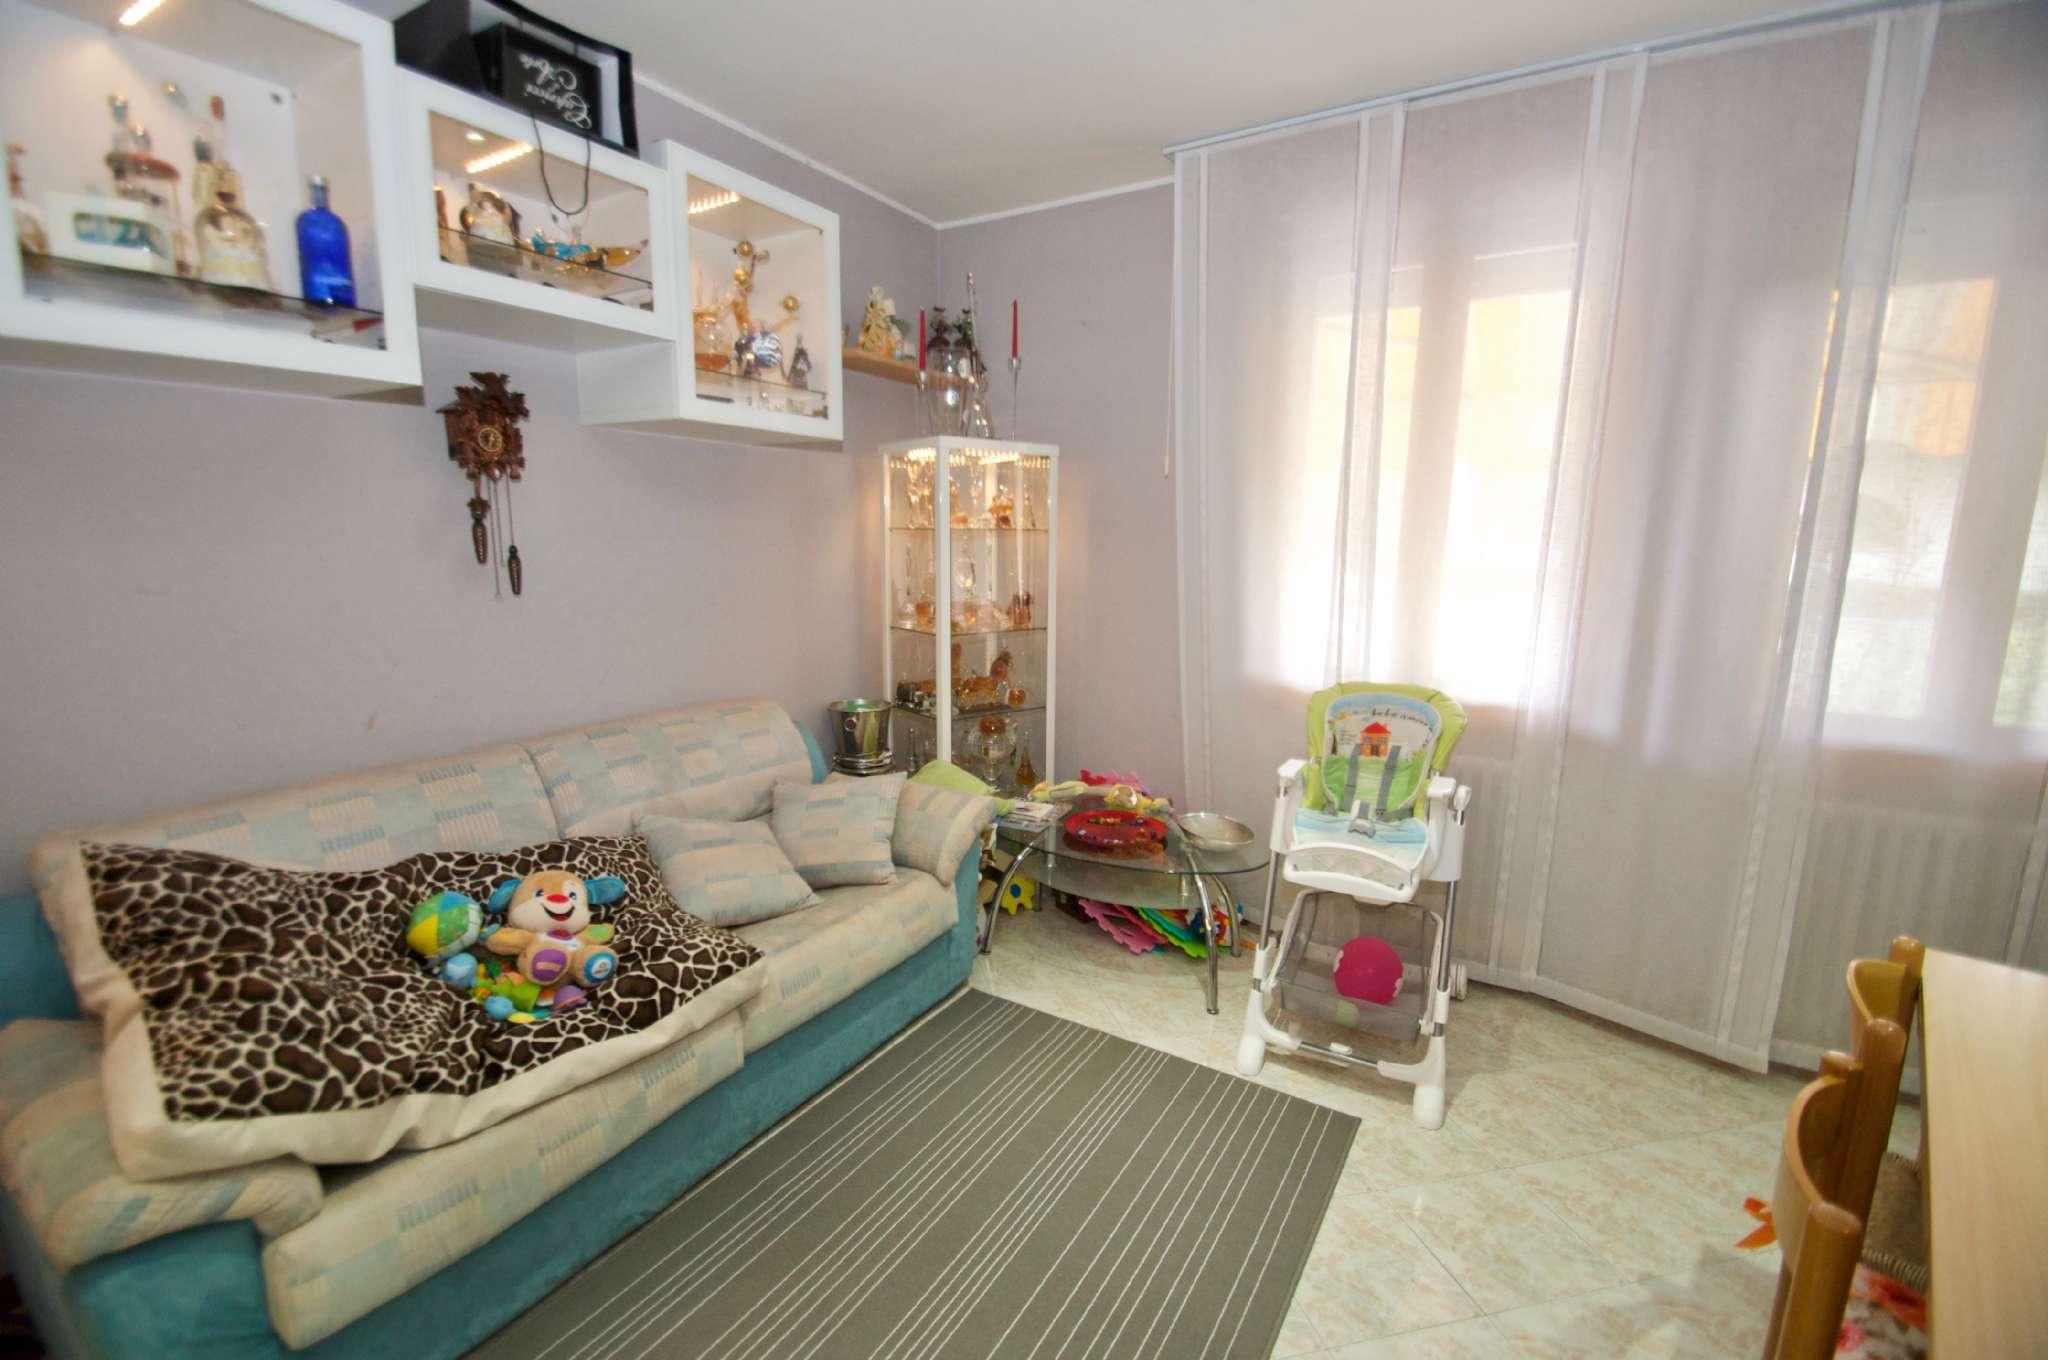 Appartamento in vendita a Padova, 3 locali, zona Zona: 4 . Sud-Est (S.Croce-S. Osvaldo, Bassanello-Voltabarozzo), prezzo € 127.000 | CambioCasa.it